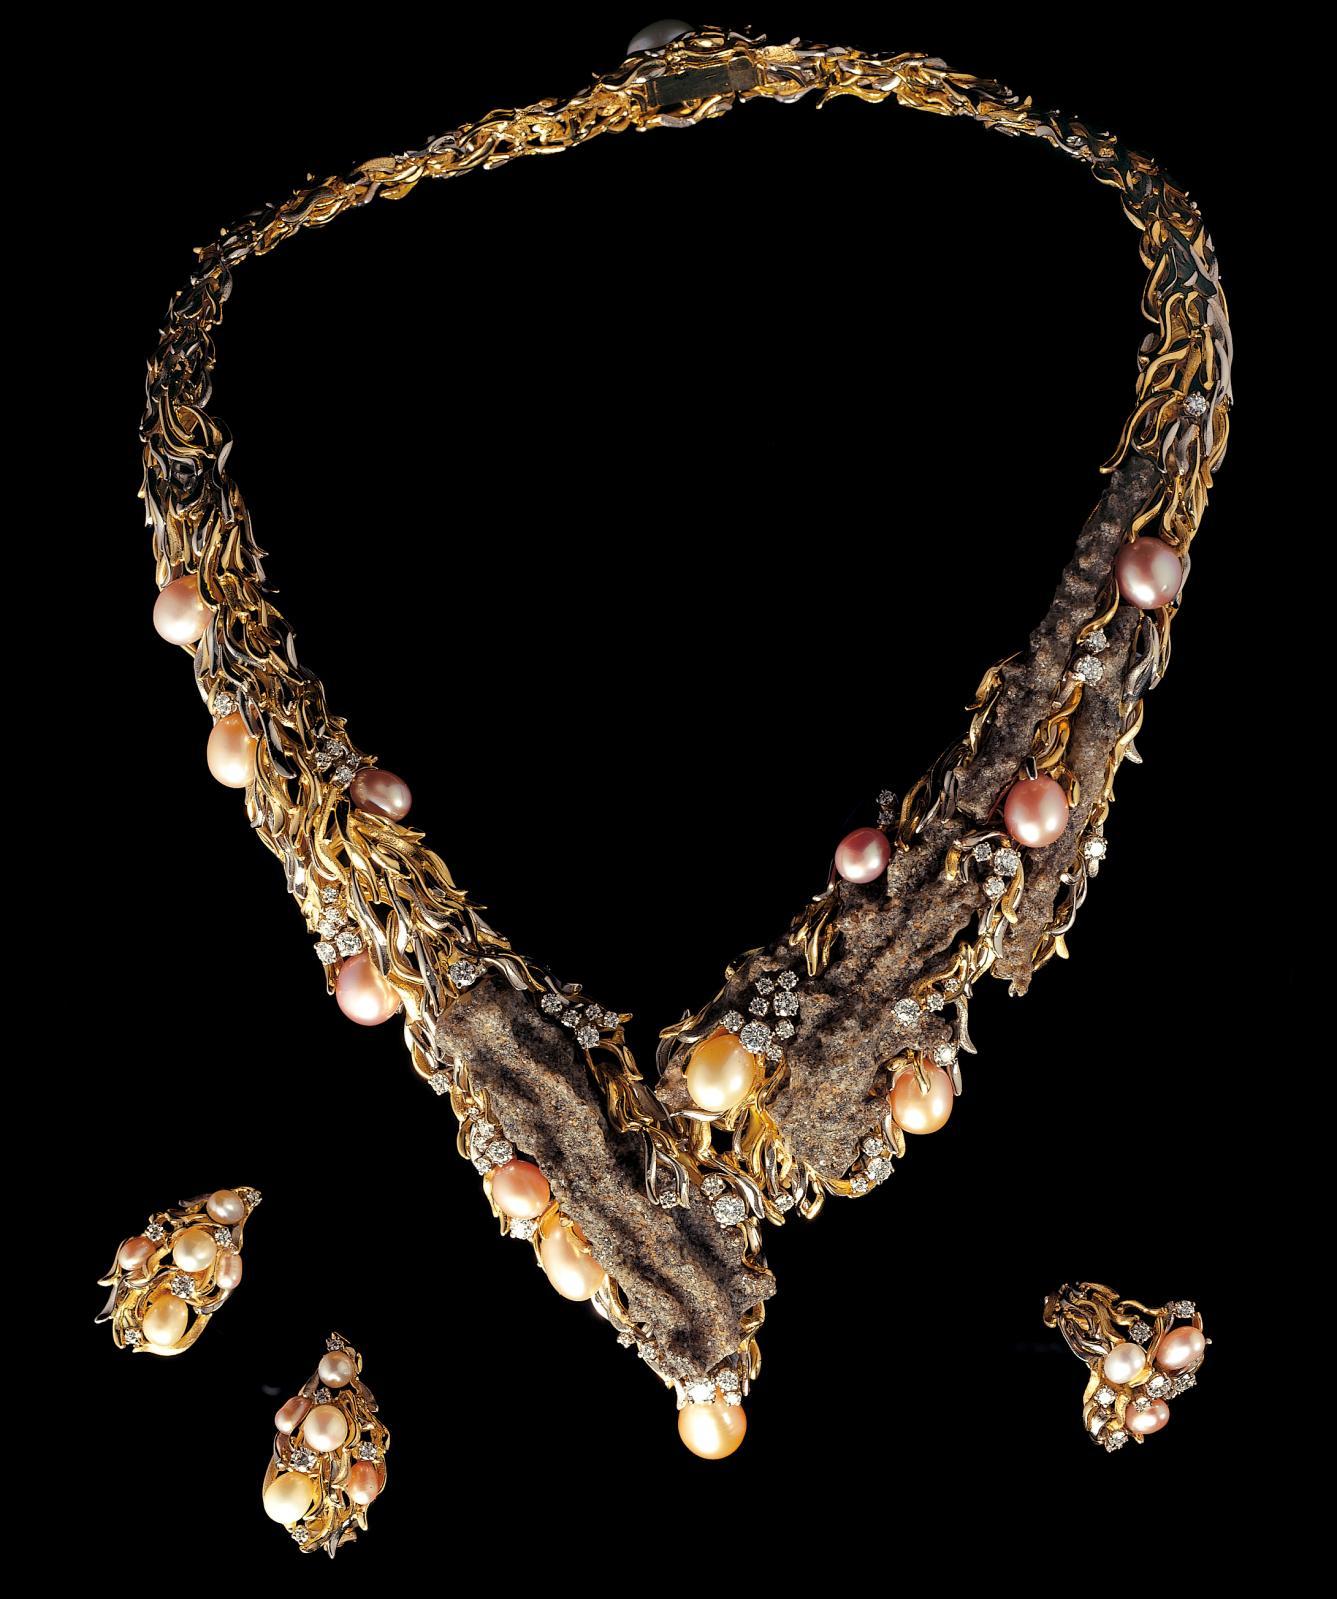 Parure en or jaune et gris, fulgurites, perles de Chine et diamants.